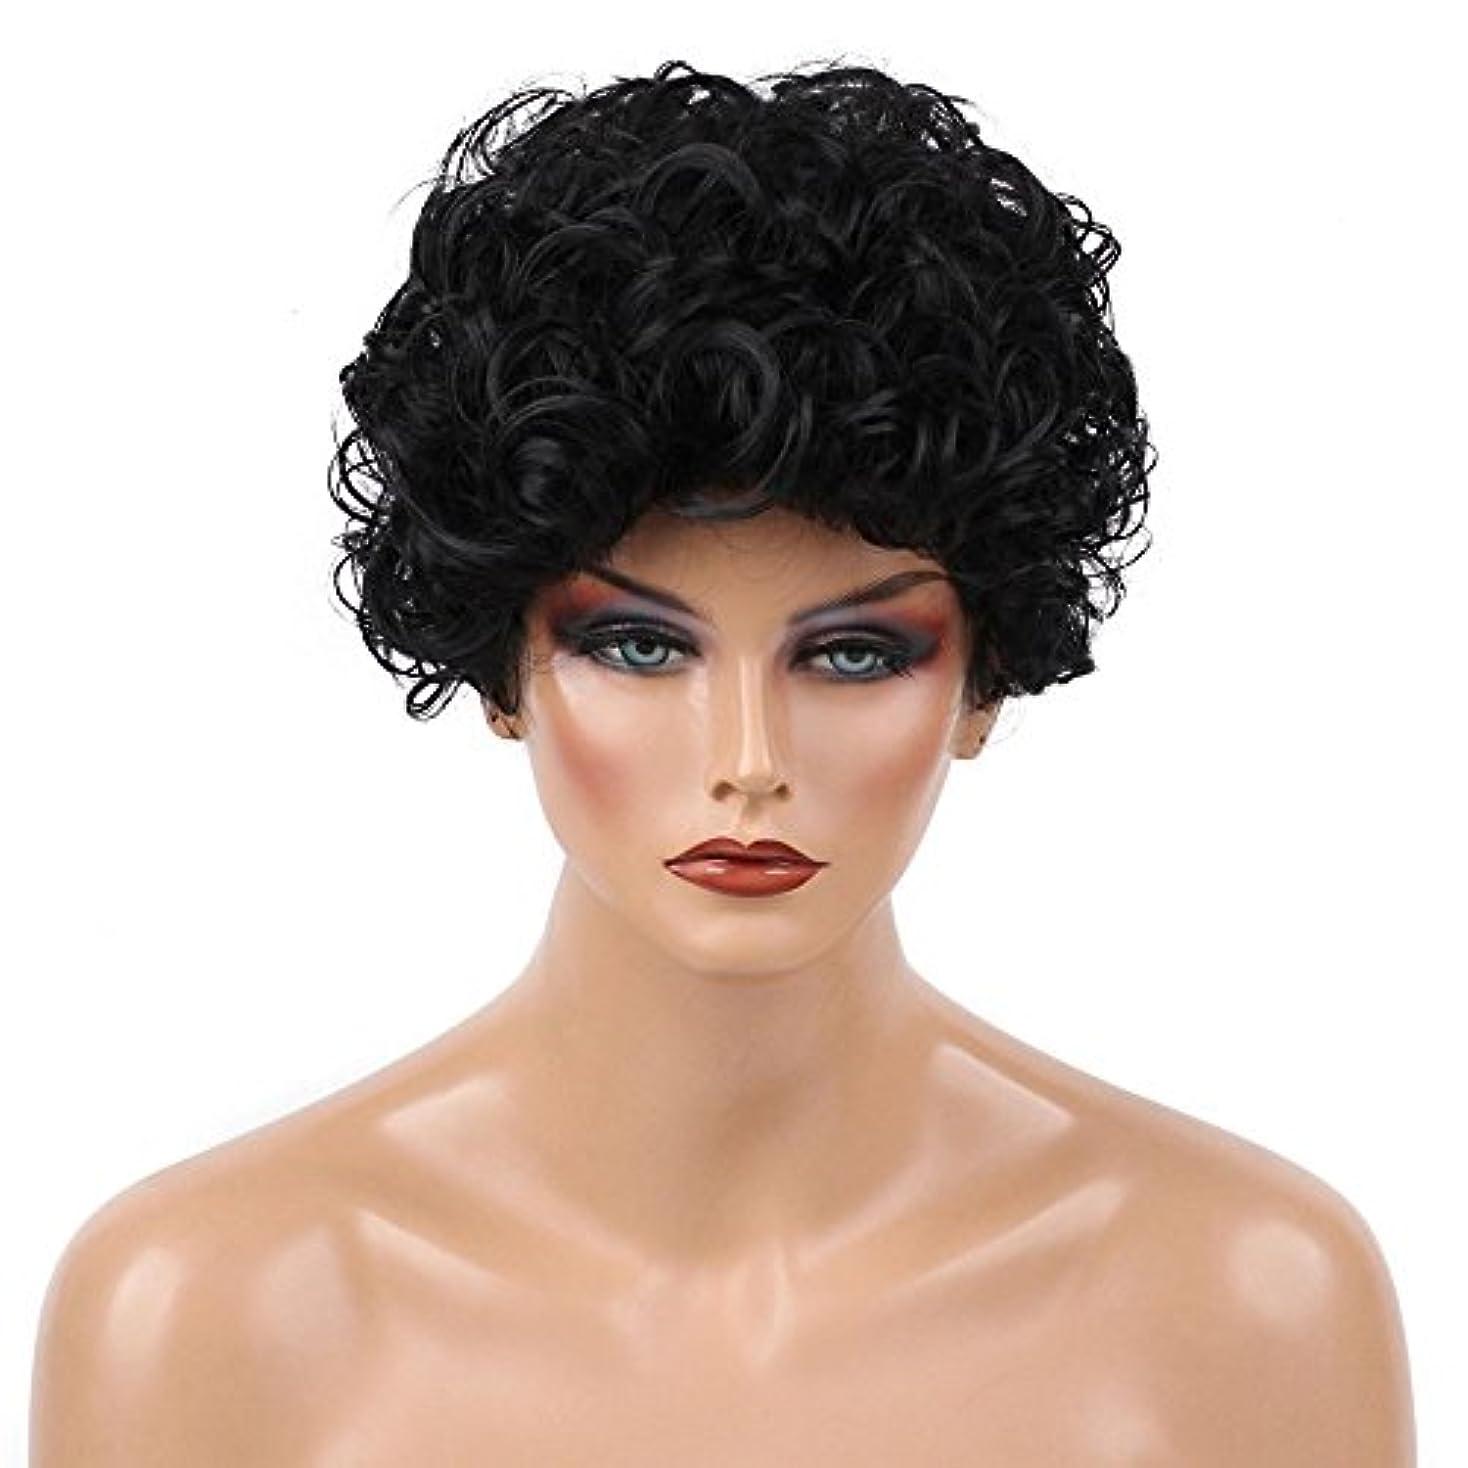 フリース武装解除悲鳴Suppion、ヨーロッパと米国ウィッグメスブラックファッションショートヘアAfricanヘアウィッグセット